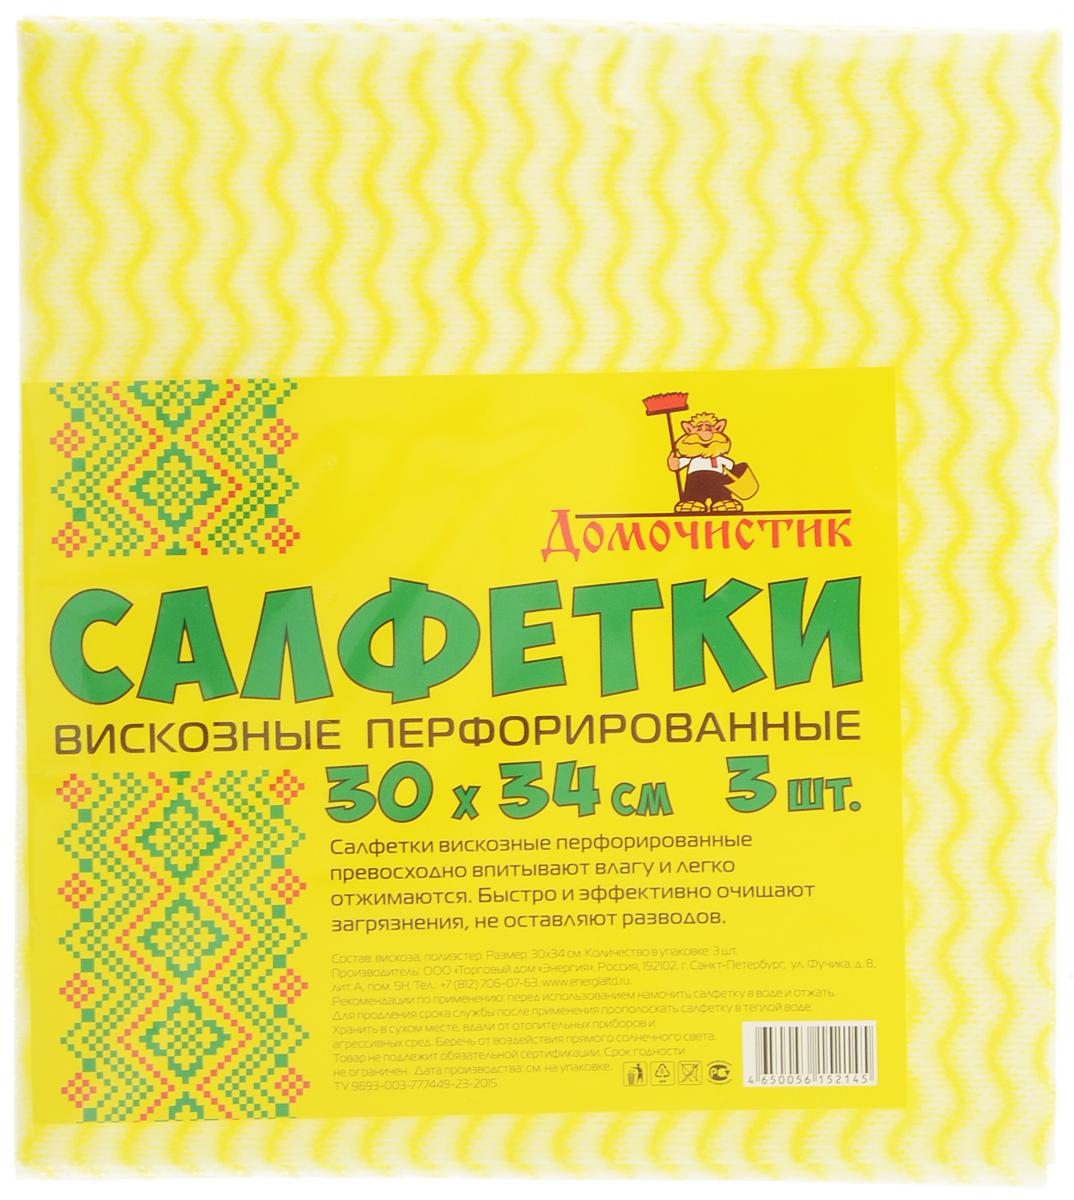 Салфетка для уборки Домочистик из вискозы, перфорированная, цвет: желтый, белый, 30 x 34 см, 3 шт. 13006 салфетки для уборки top gear салфетка для уборки